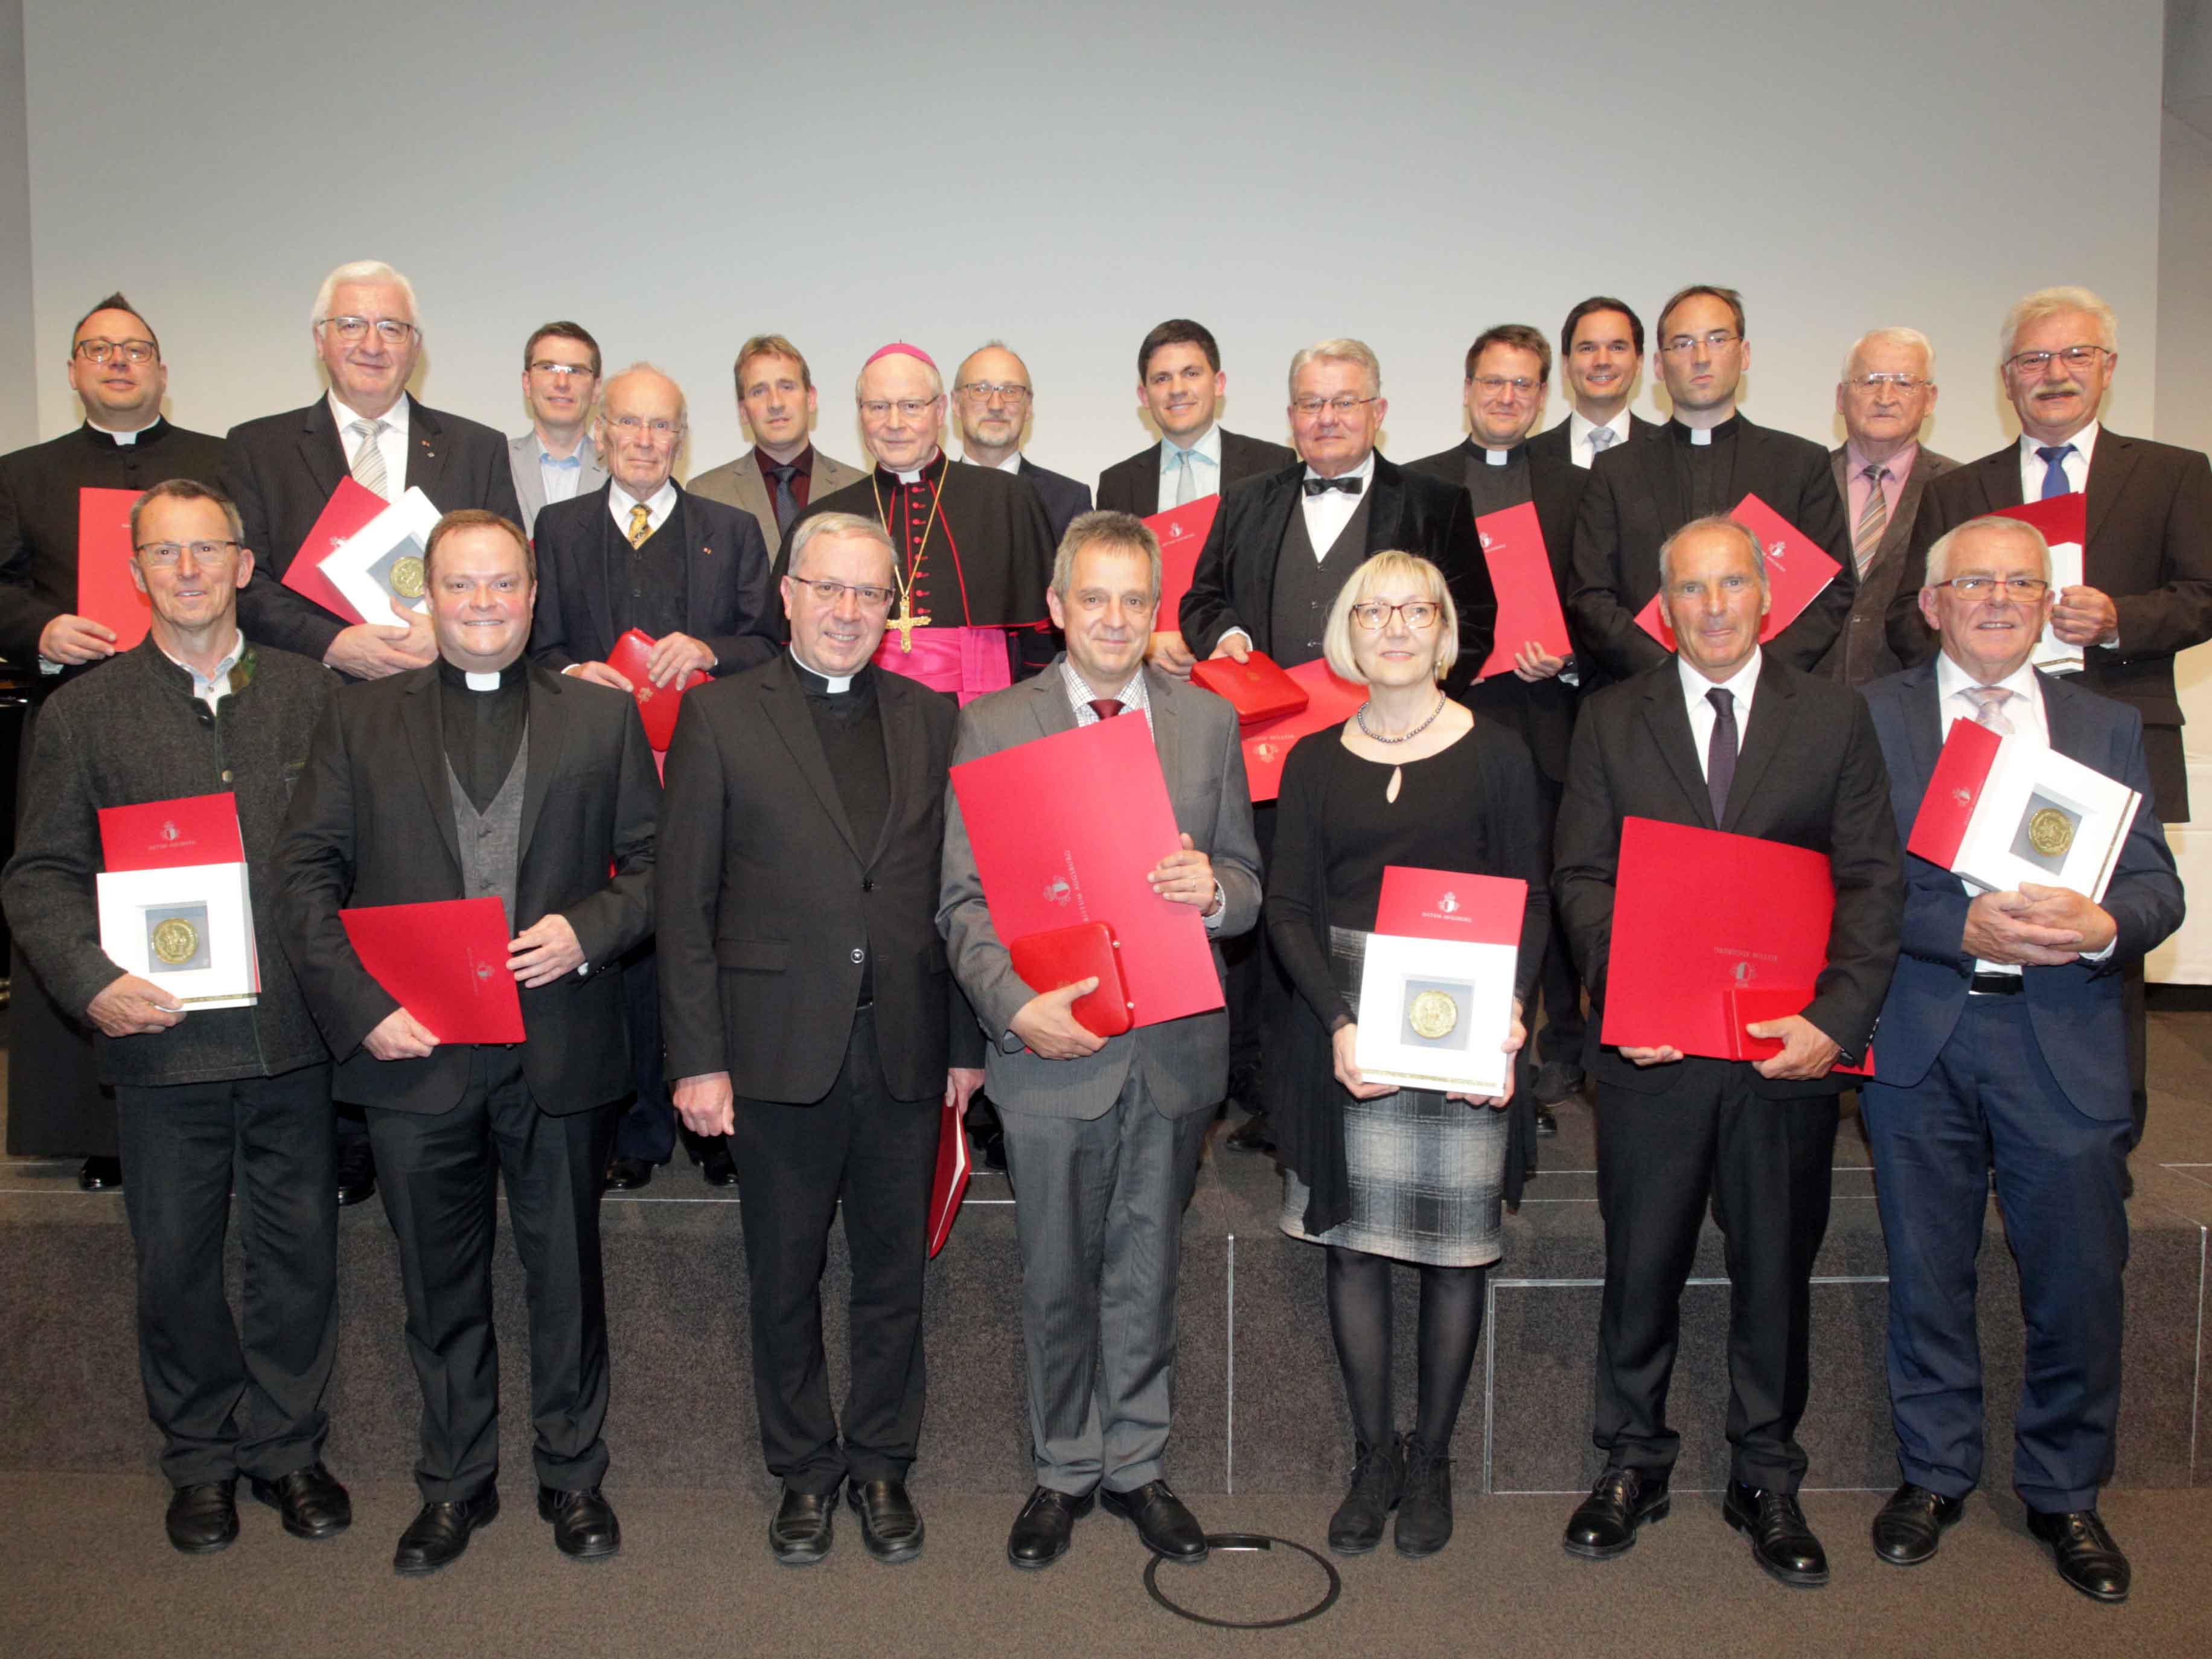 Stellvertretend für unzählige andere wurden heute 20 Personen aus dem Bistum Augsburg geehrt. (Foto: Annette Zoepf/pba)